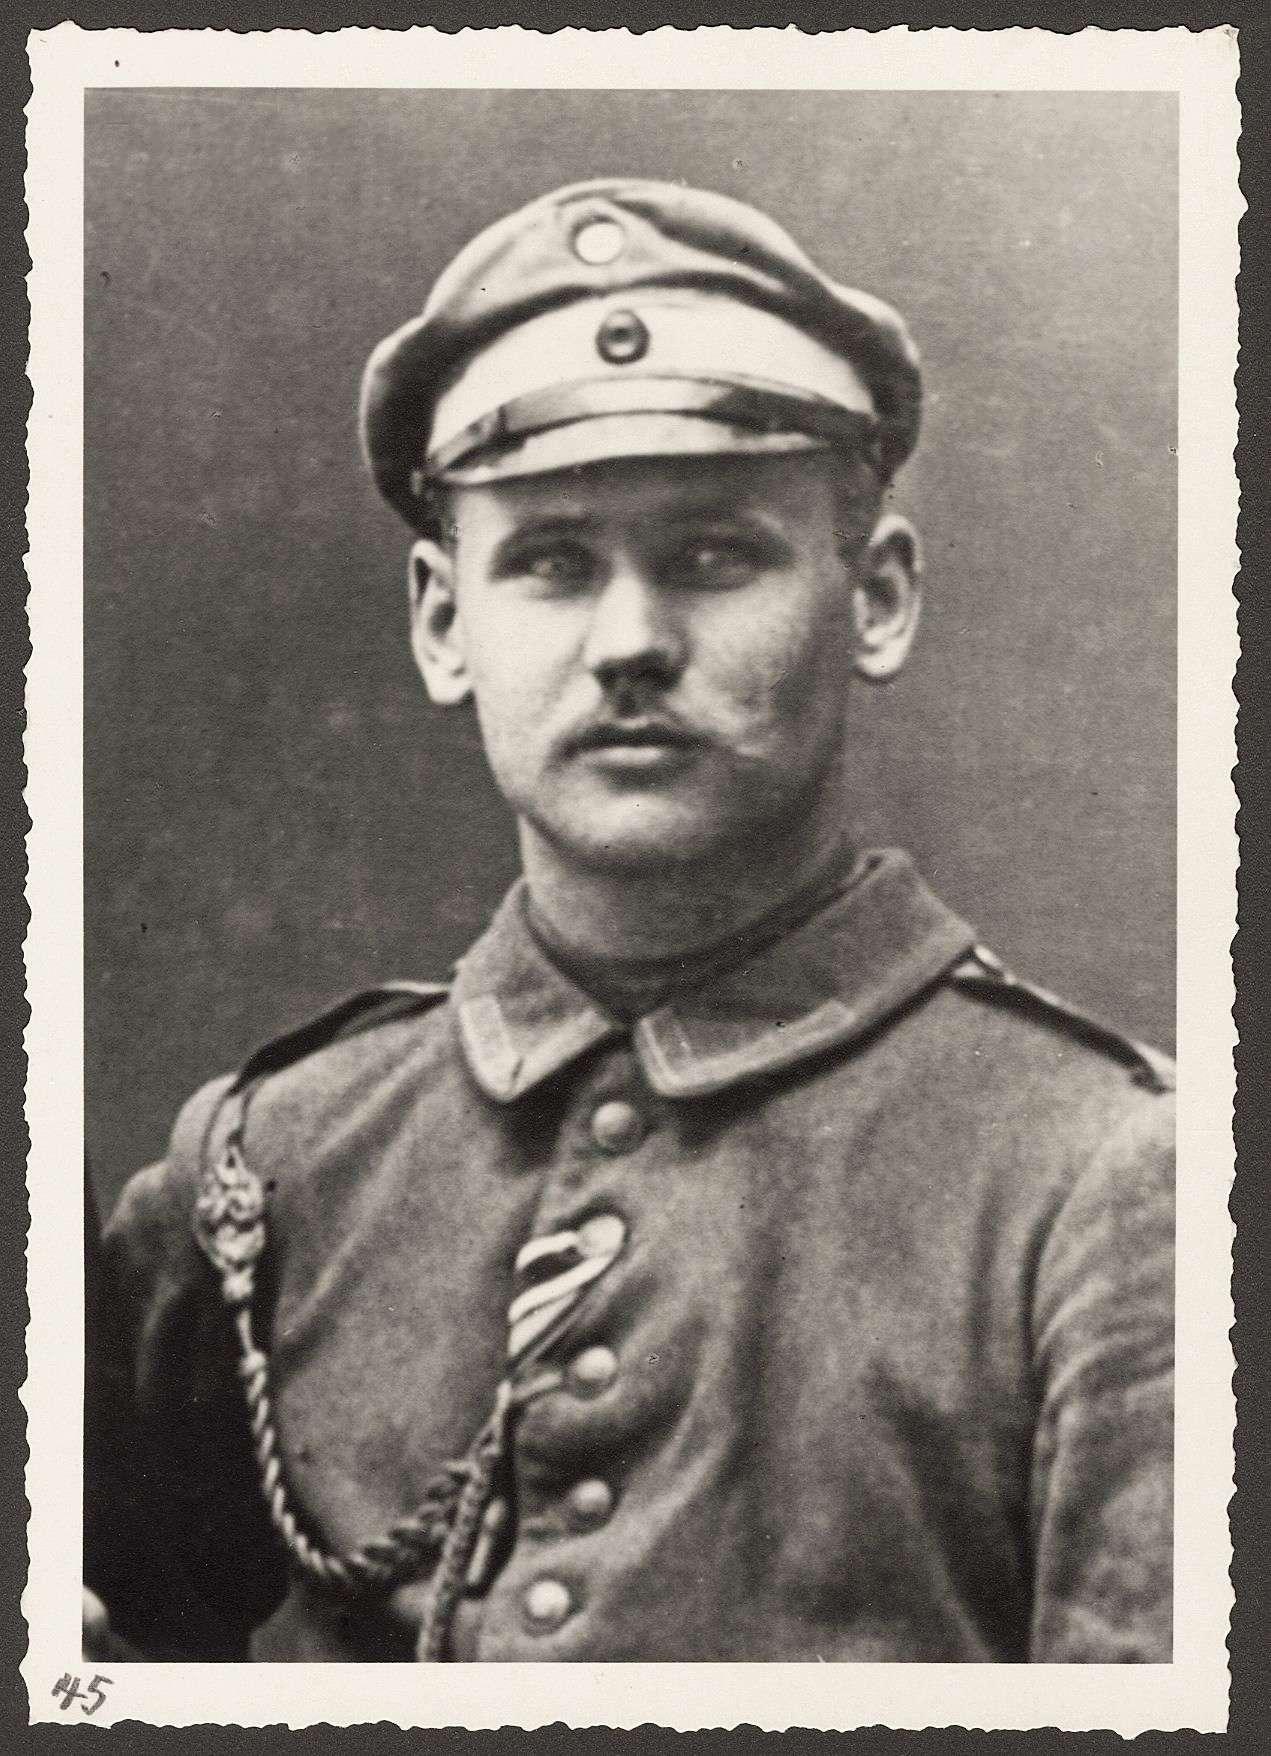 Hiller, Wilhelm, Bild 1